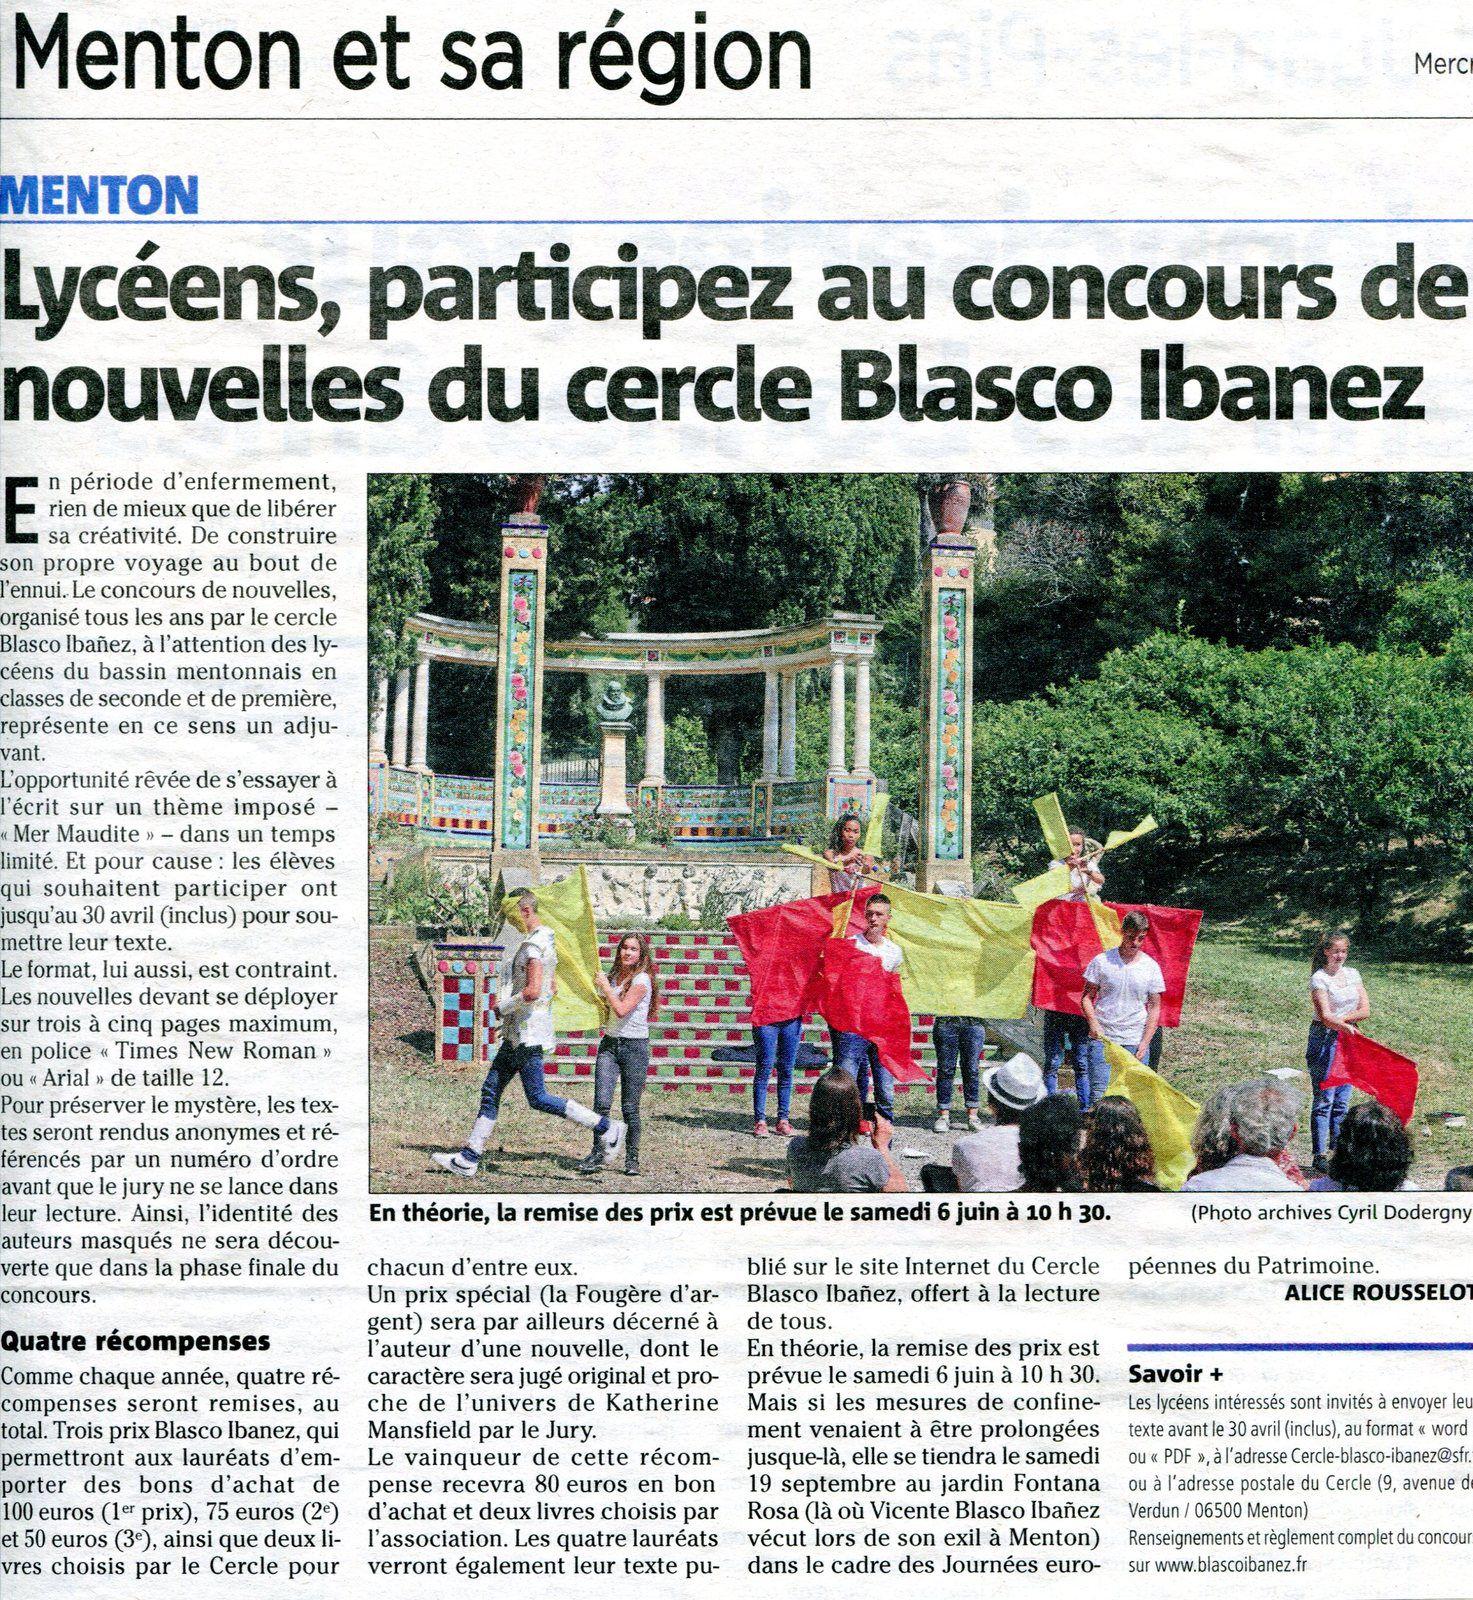 Le journal Nice-Matin se fait l'écho du concours de la nouvelle 2020 du Cercle